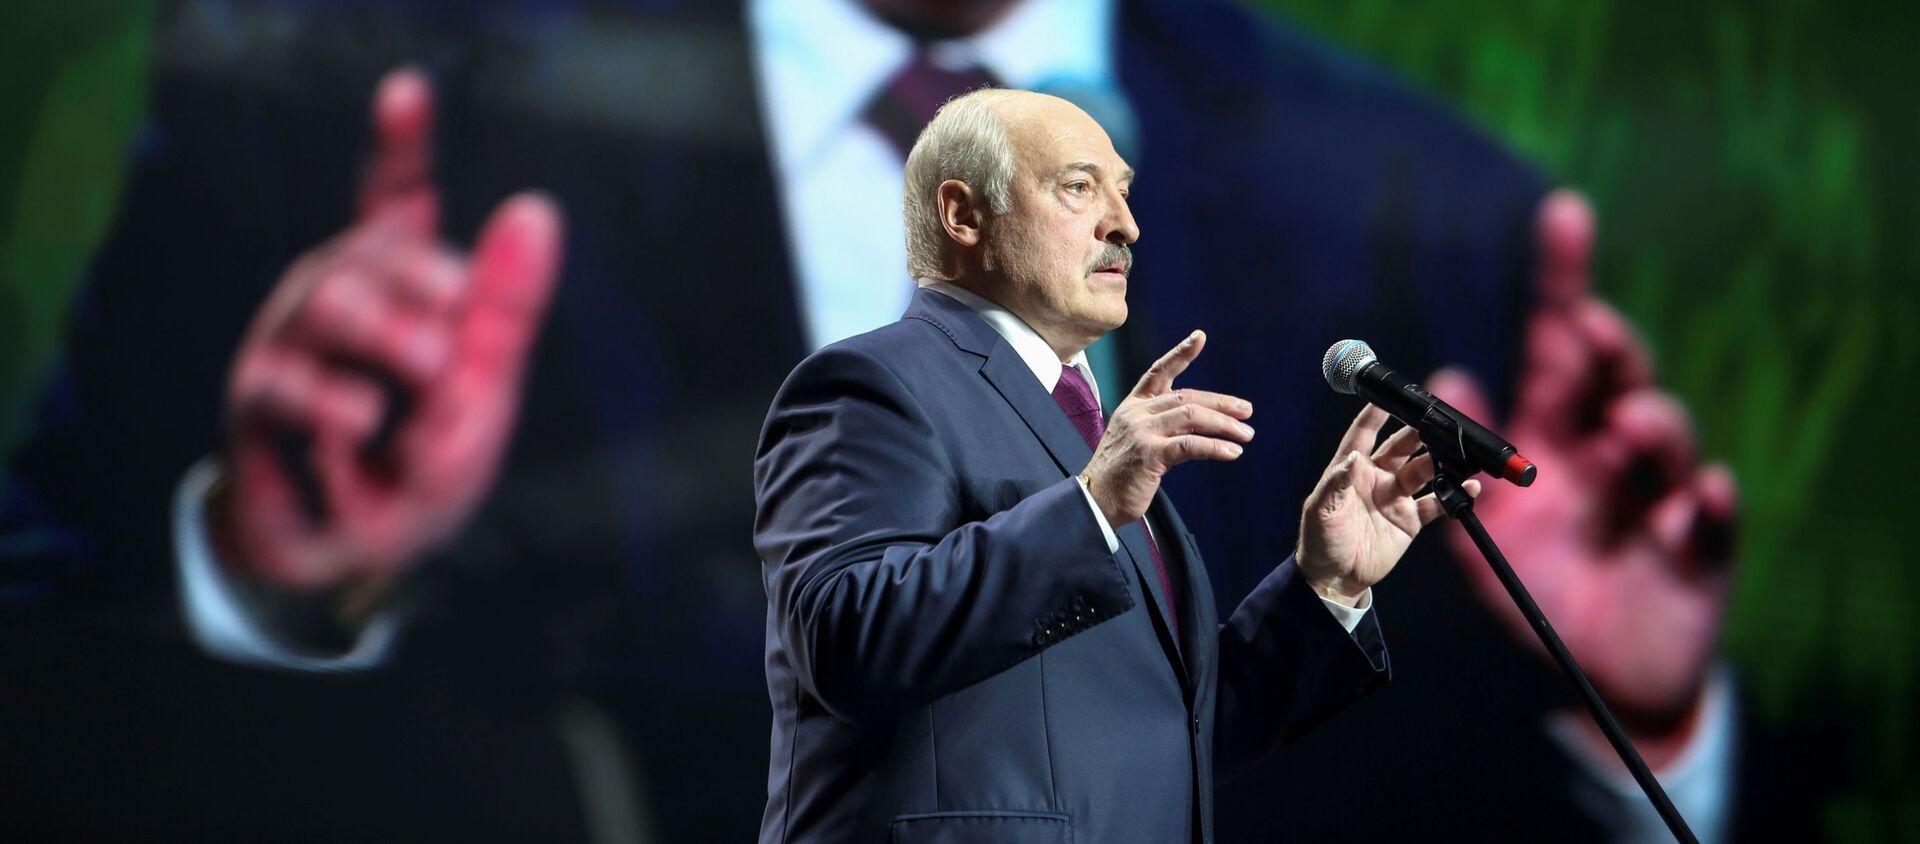 Alexandr Lukashenko, presidente de Bielorrusia  - Sputnik Mundo, 1920, 06.11.2020